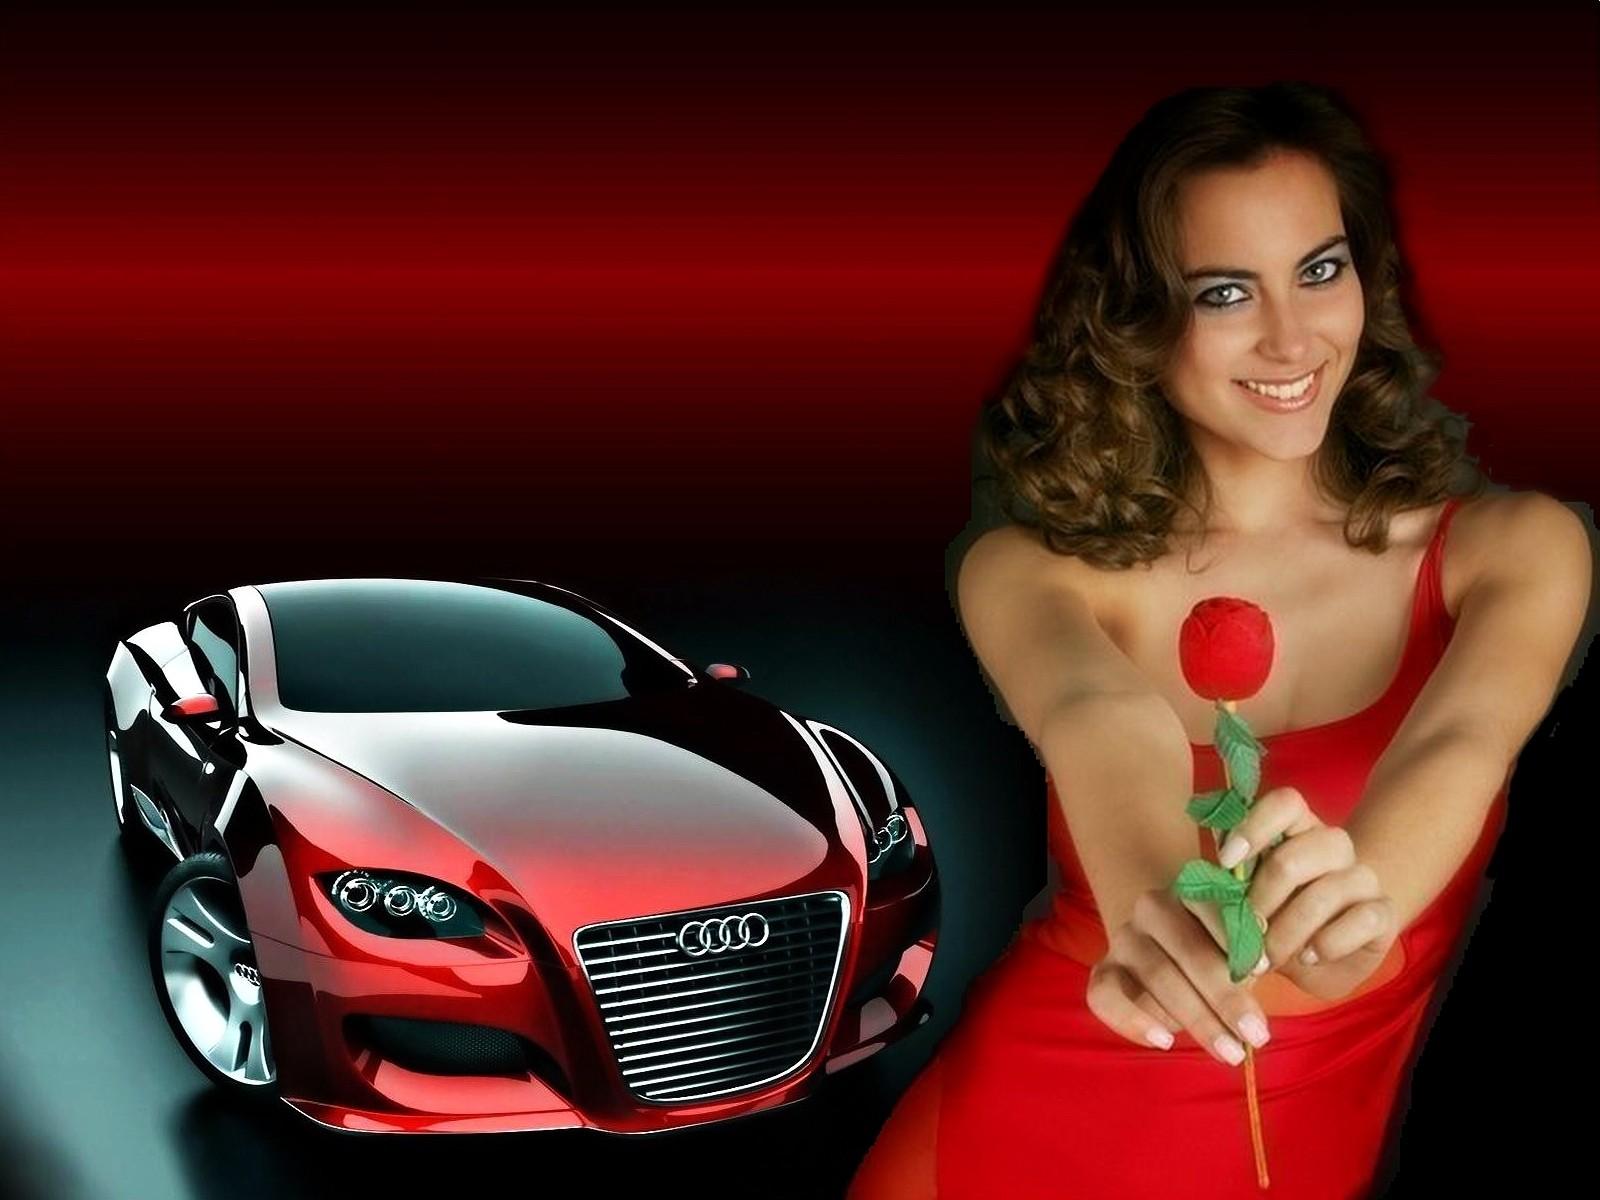 Поздравление с машиной девушке